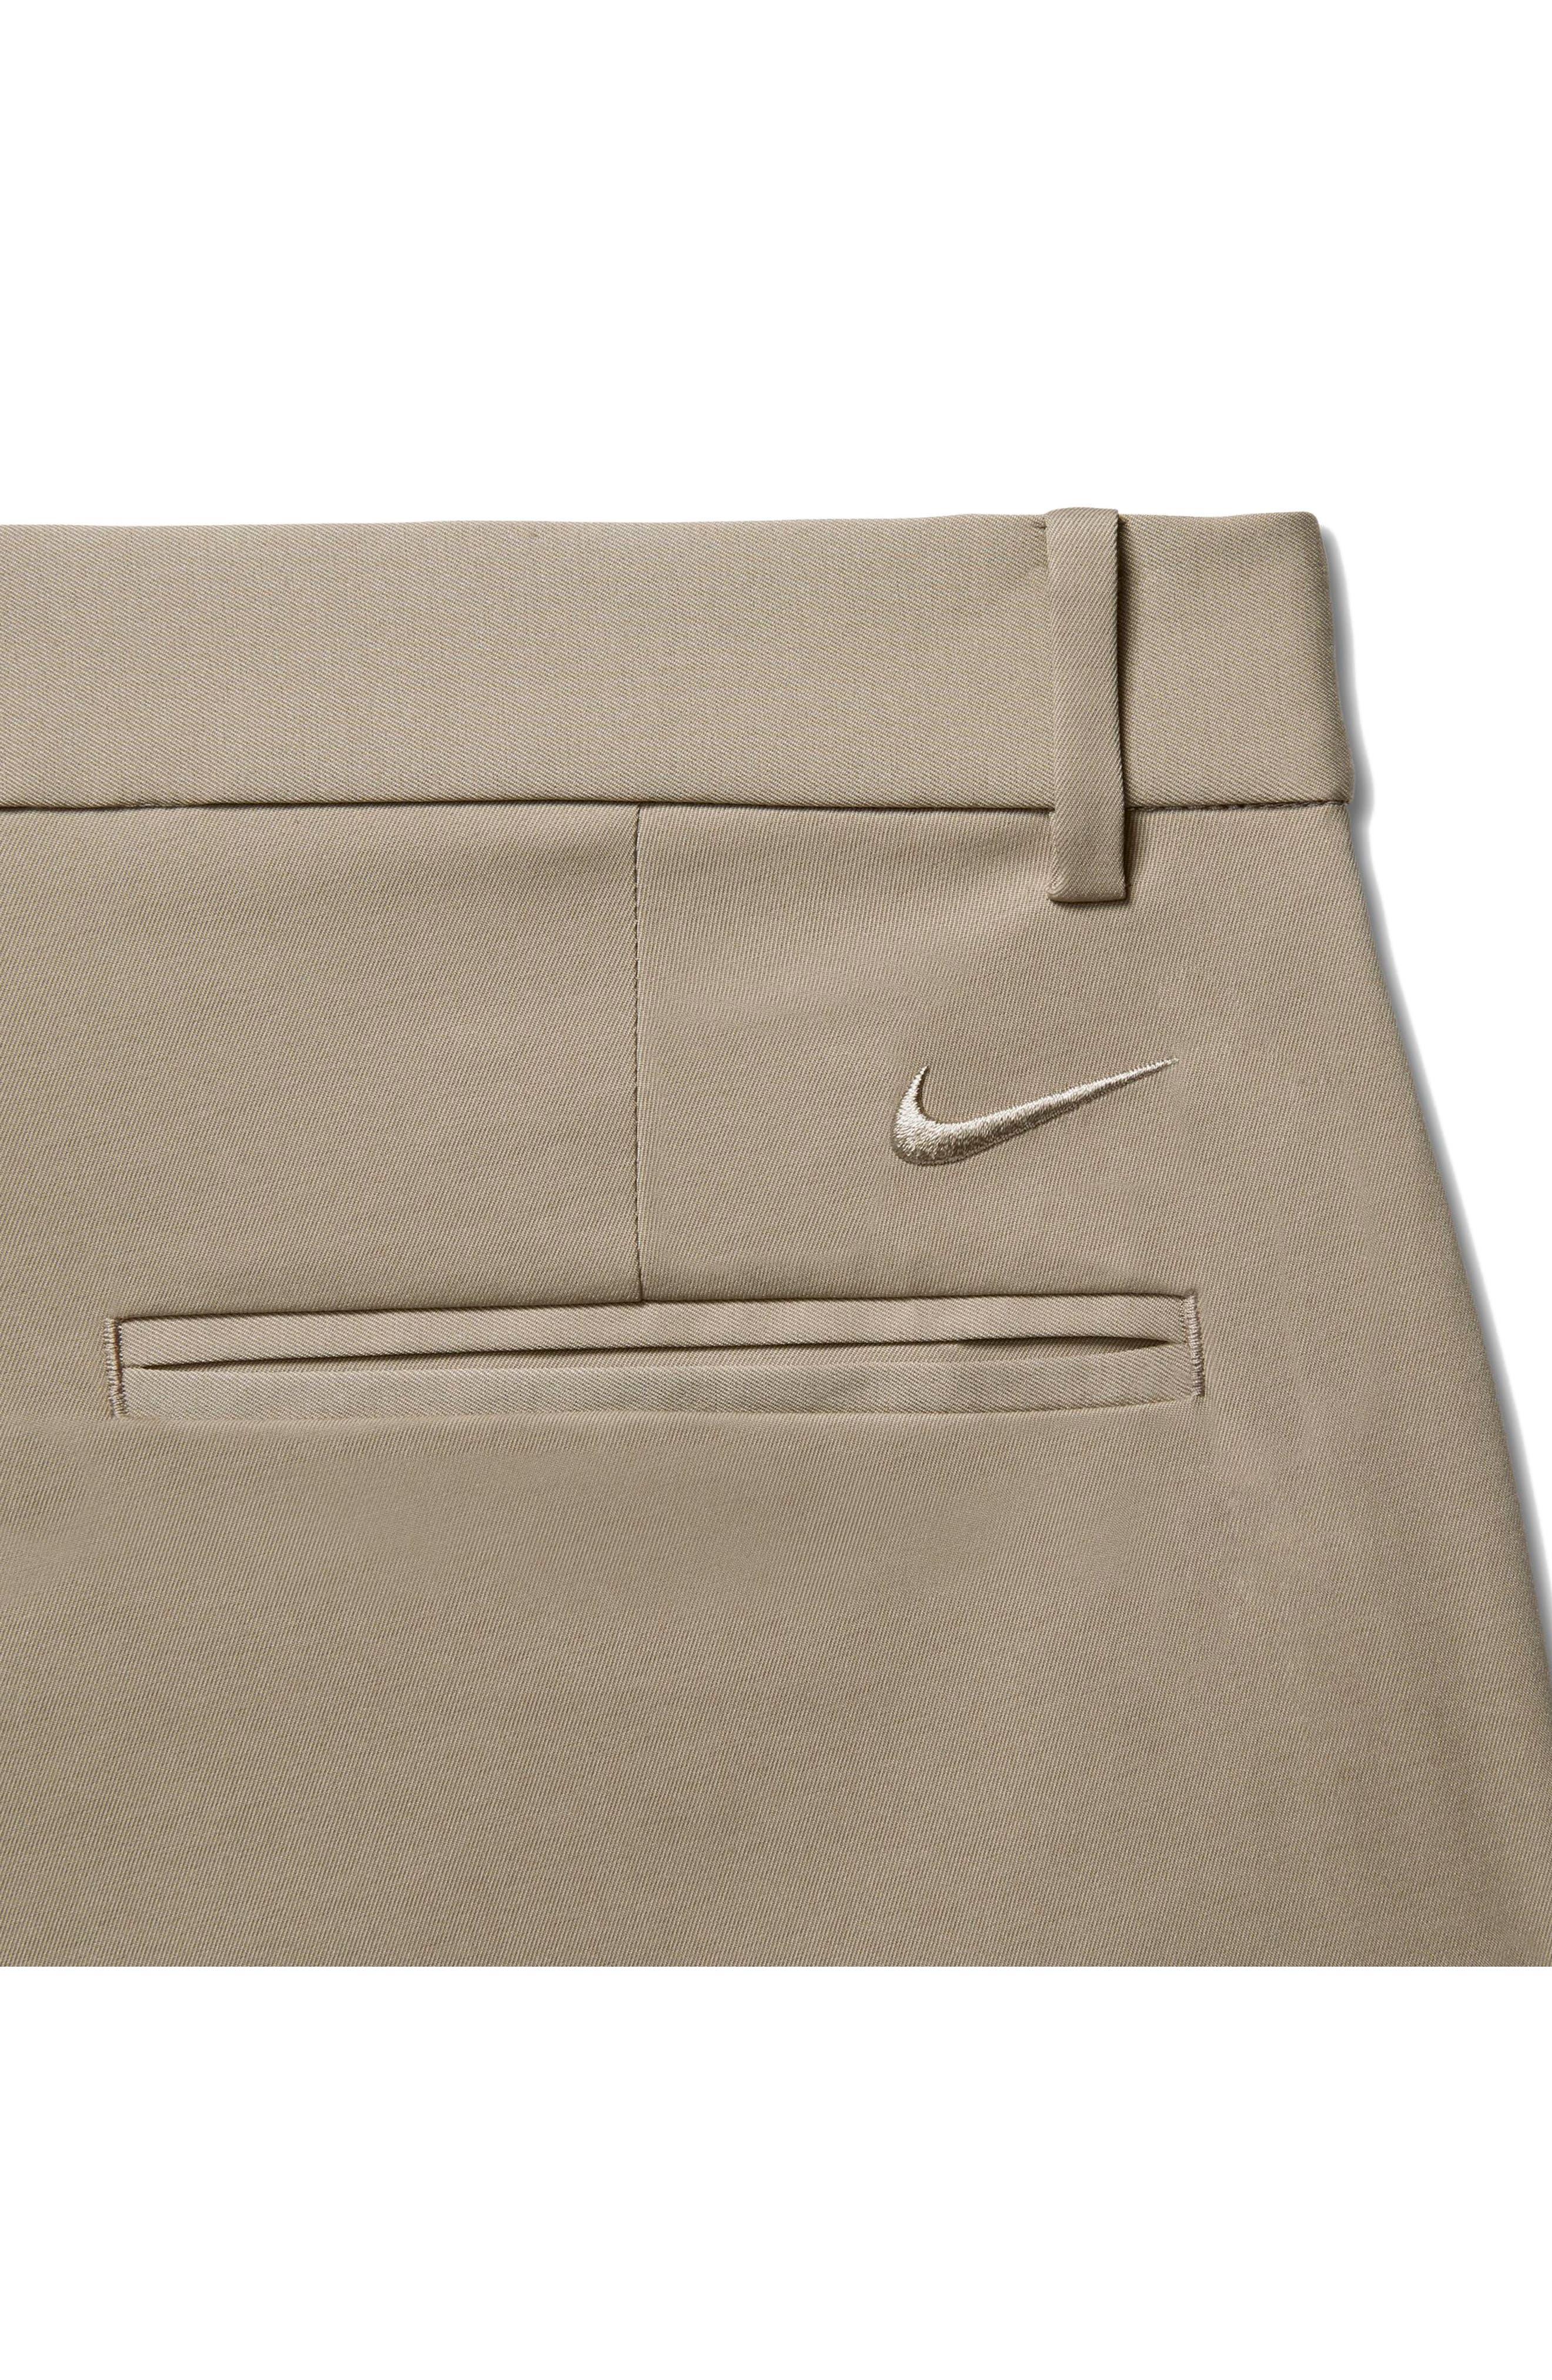 Flat Front Dri-FIT Tech Golf Pants,                             Alternate thumbnail 56, color,